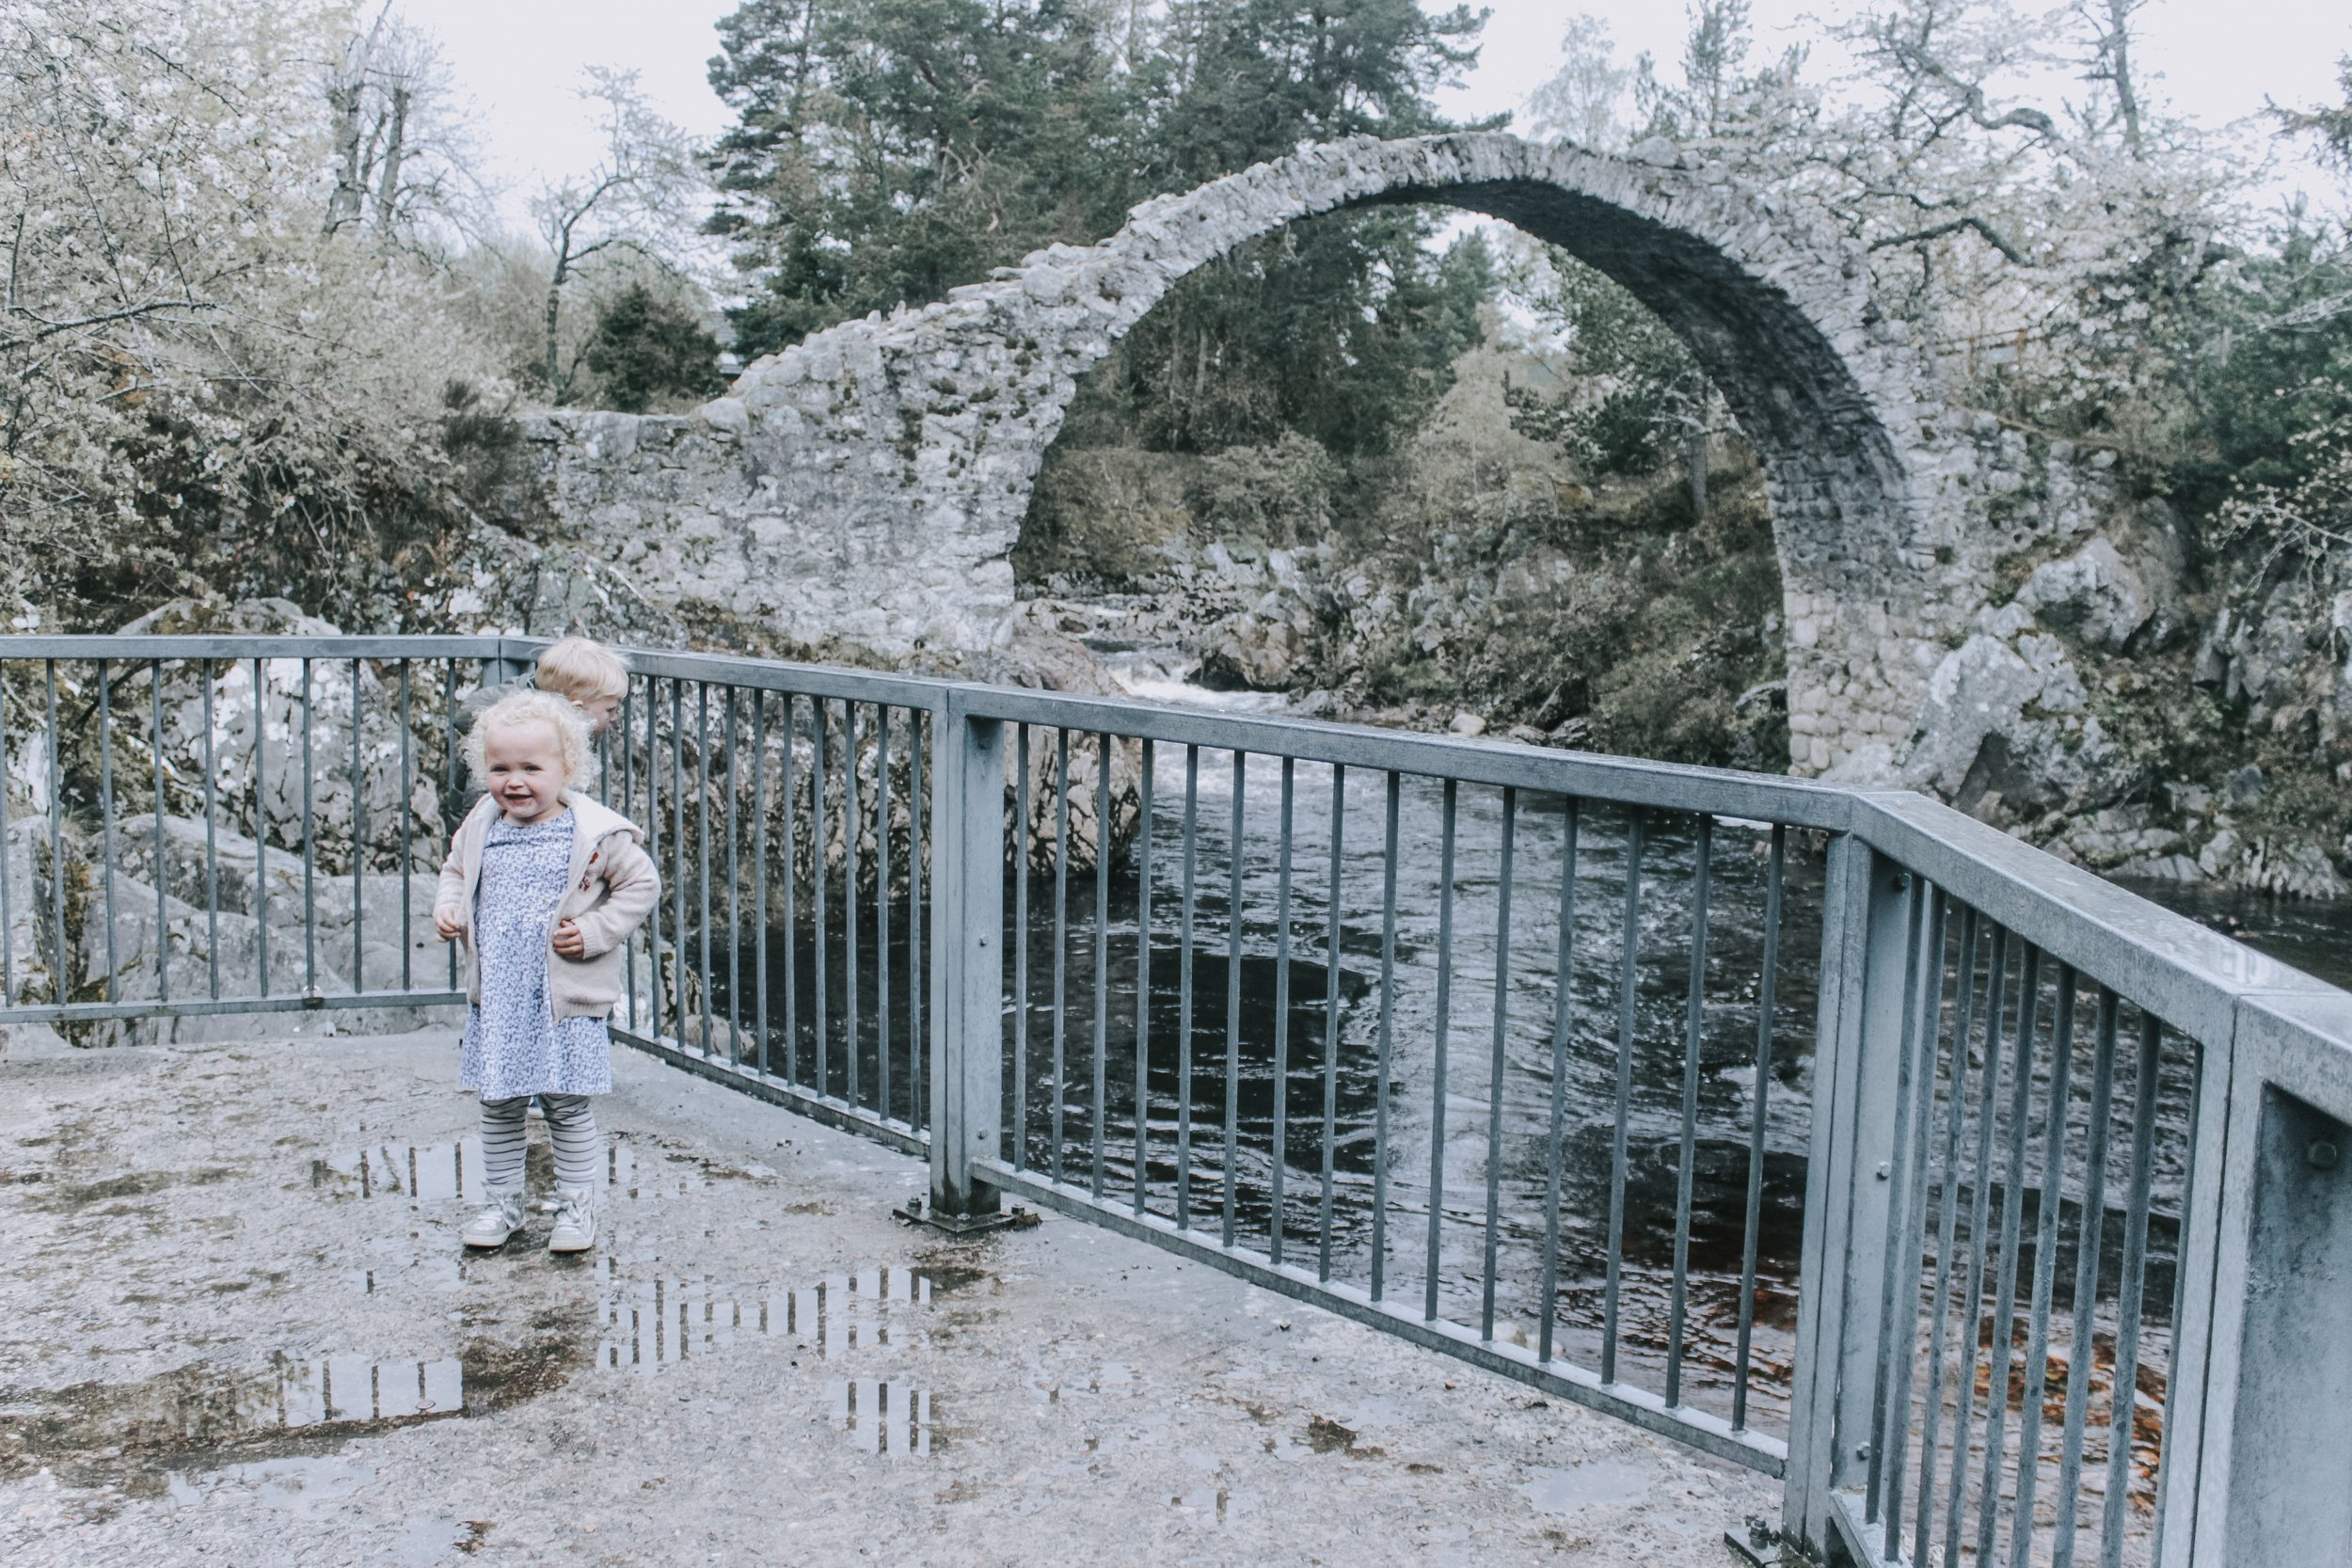 matilda carrbridge bridge .jpg